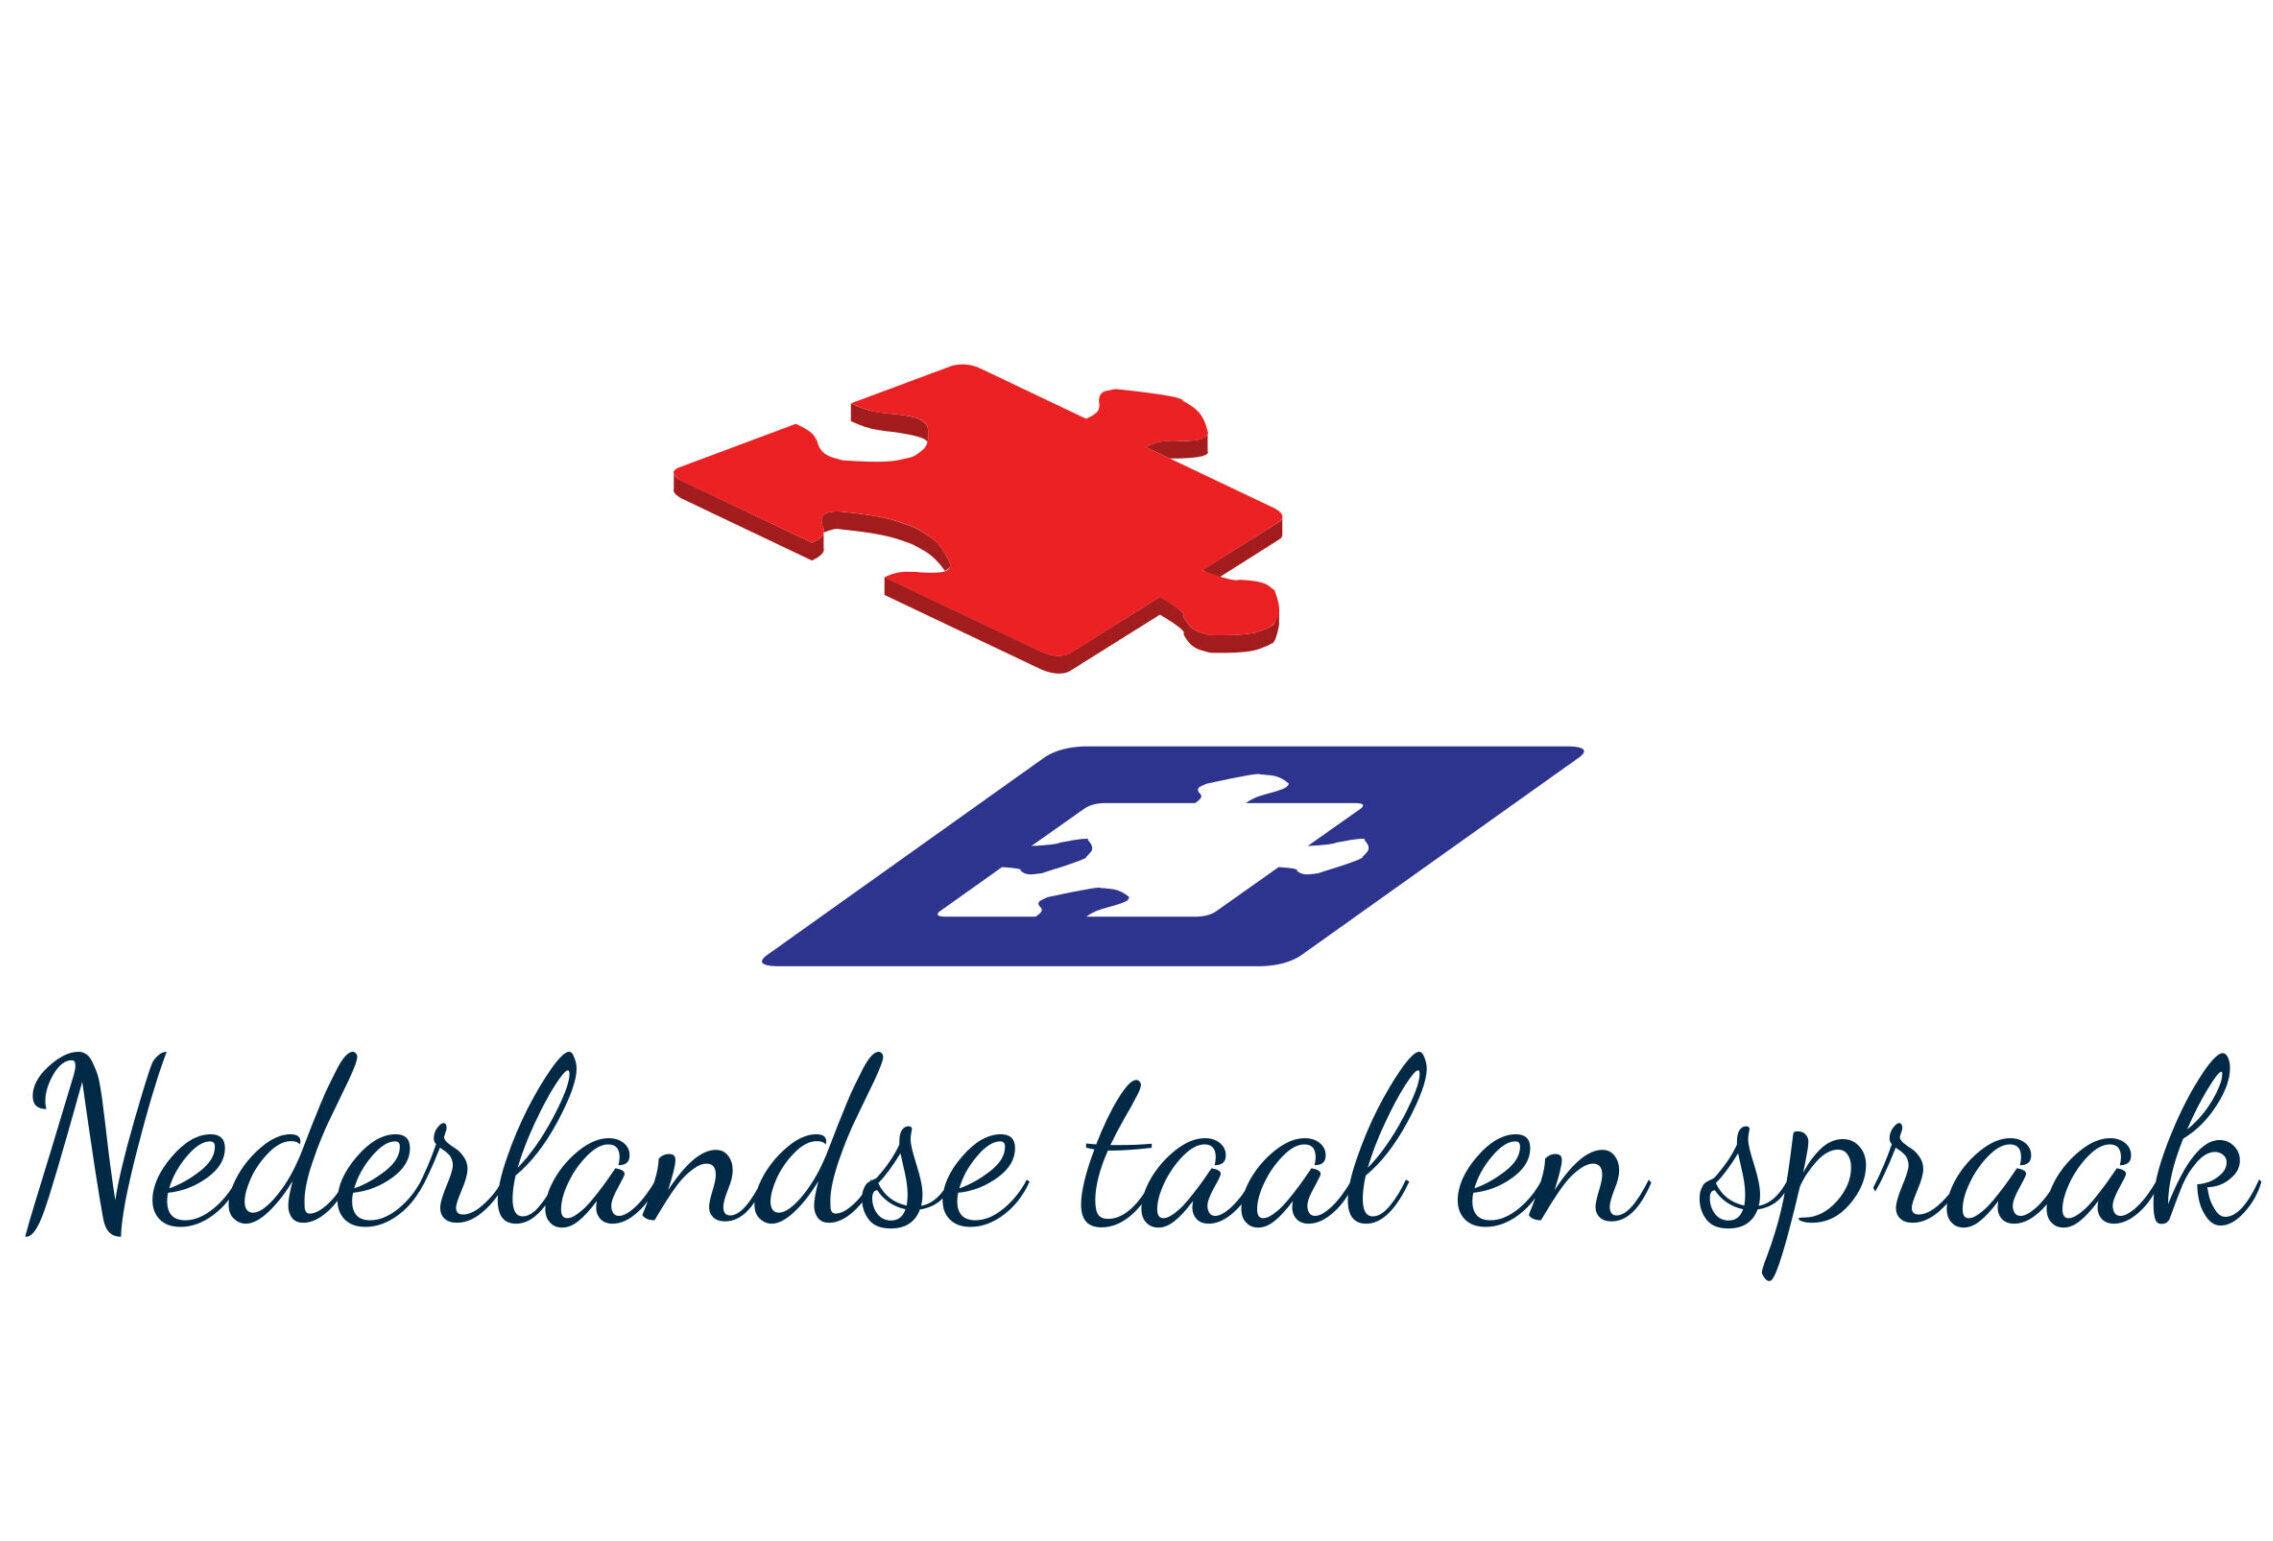 NEDERLANDSE TAAL EN SPRAAK